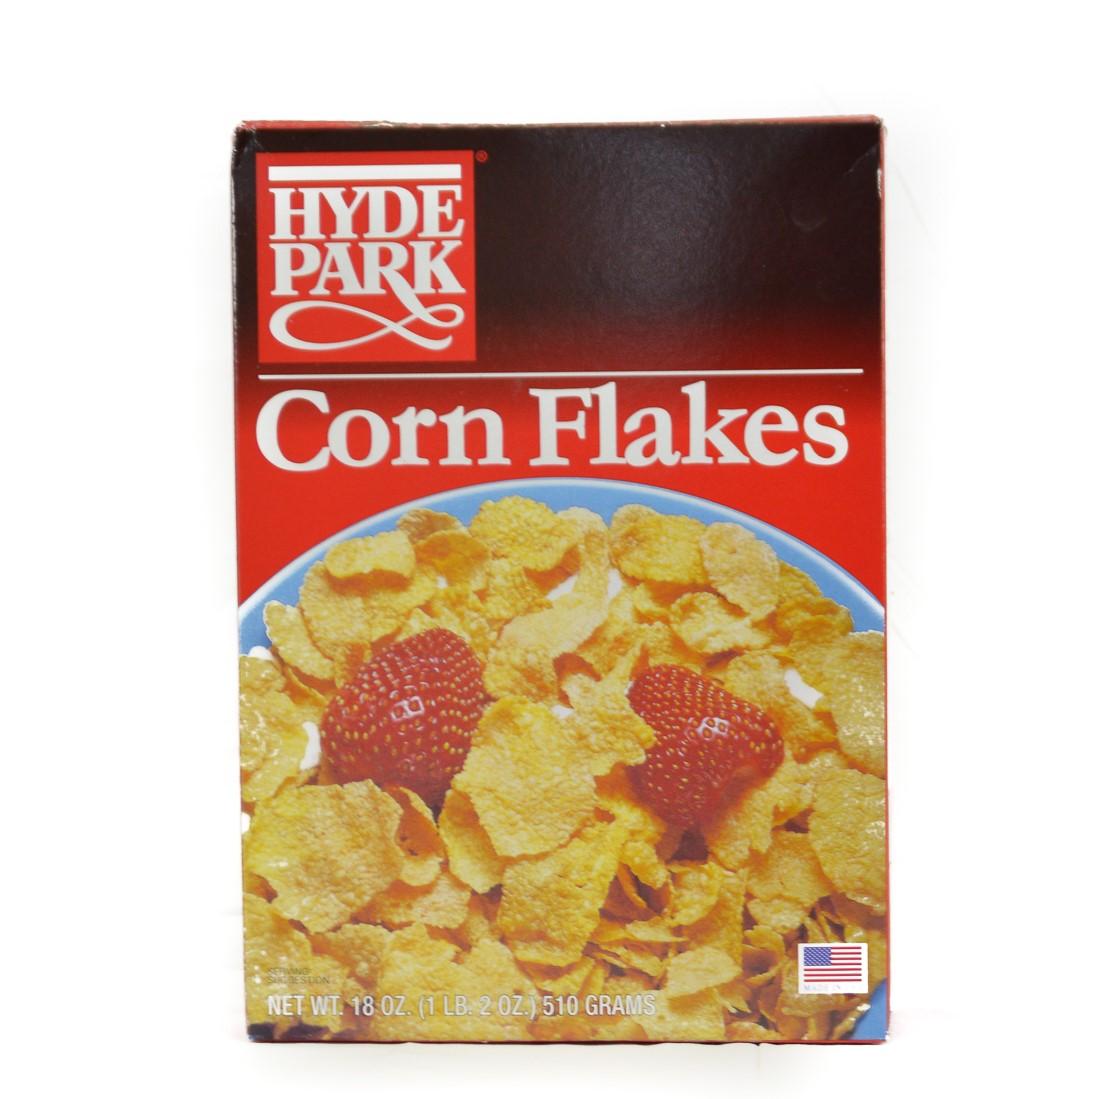 Corn Flakes Hyde Park (12 Boxes)